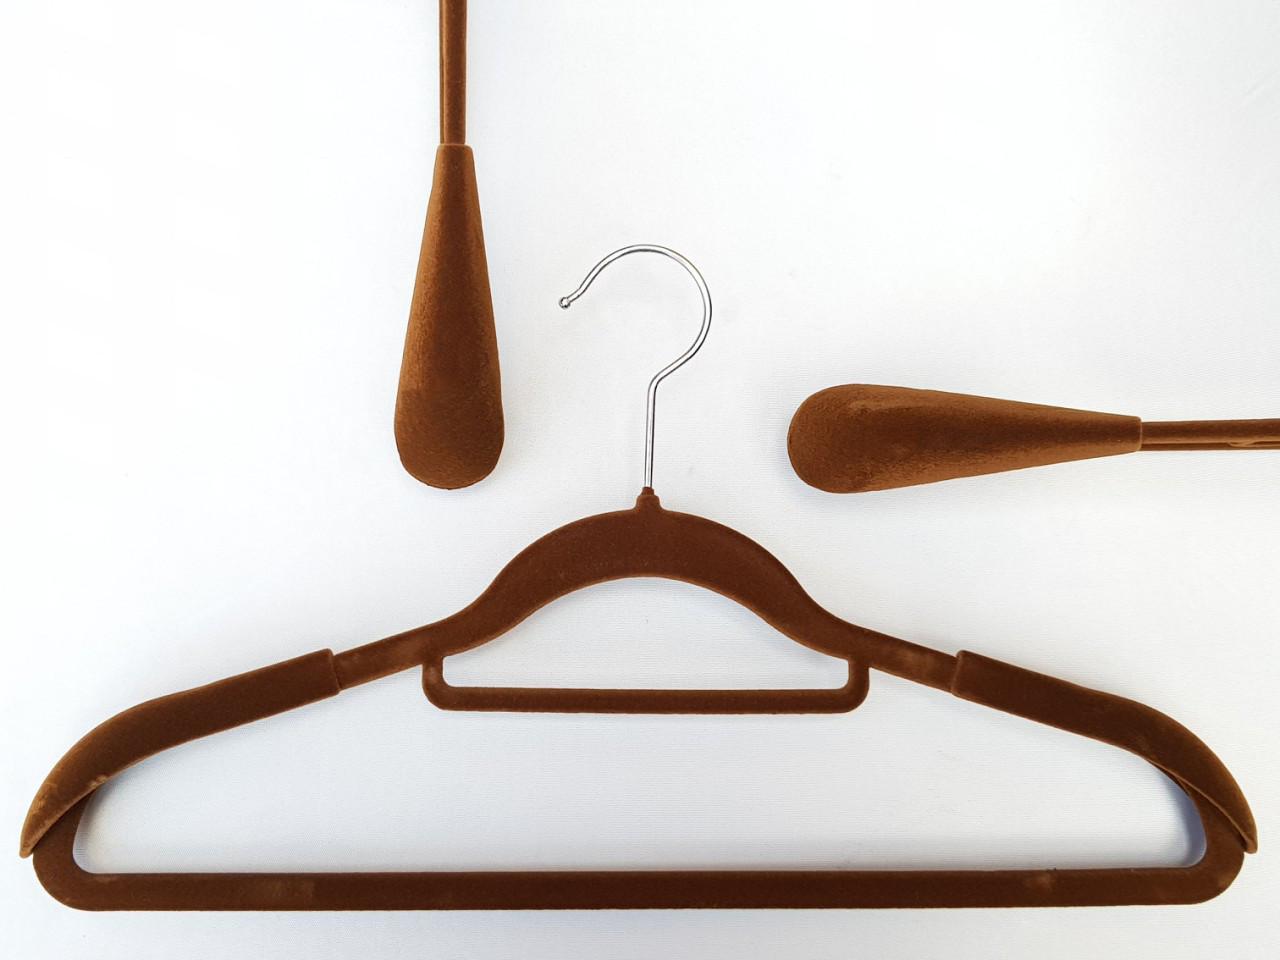 Плечики флокированные (бархатные) широкие с перекладиной, коричневого цвета, 42 см